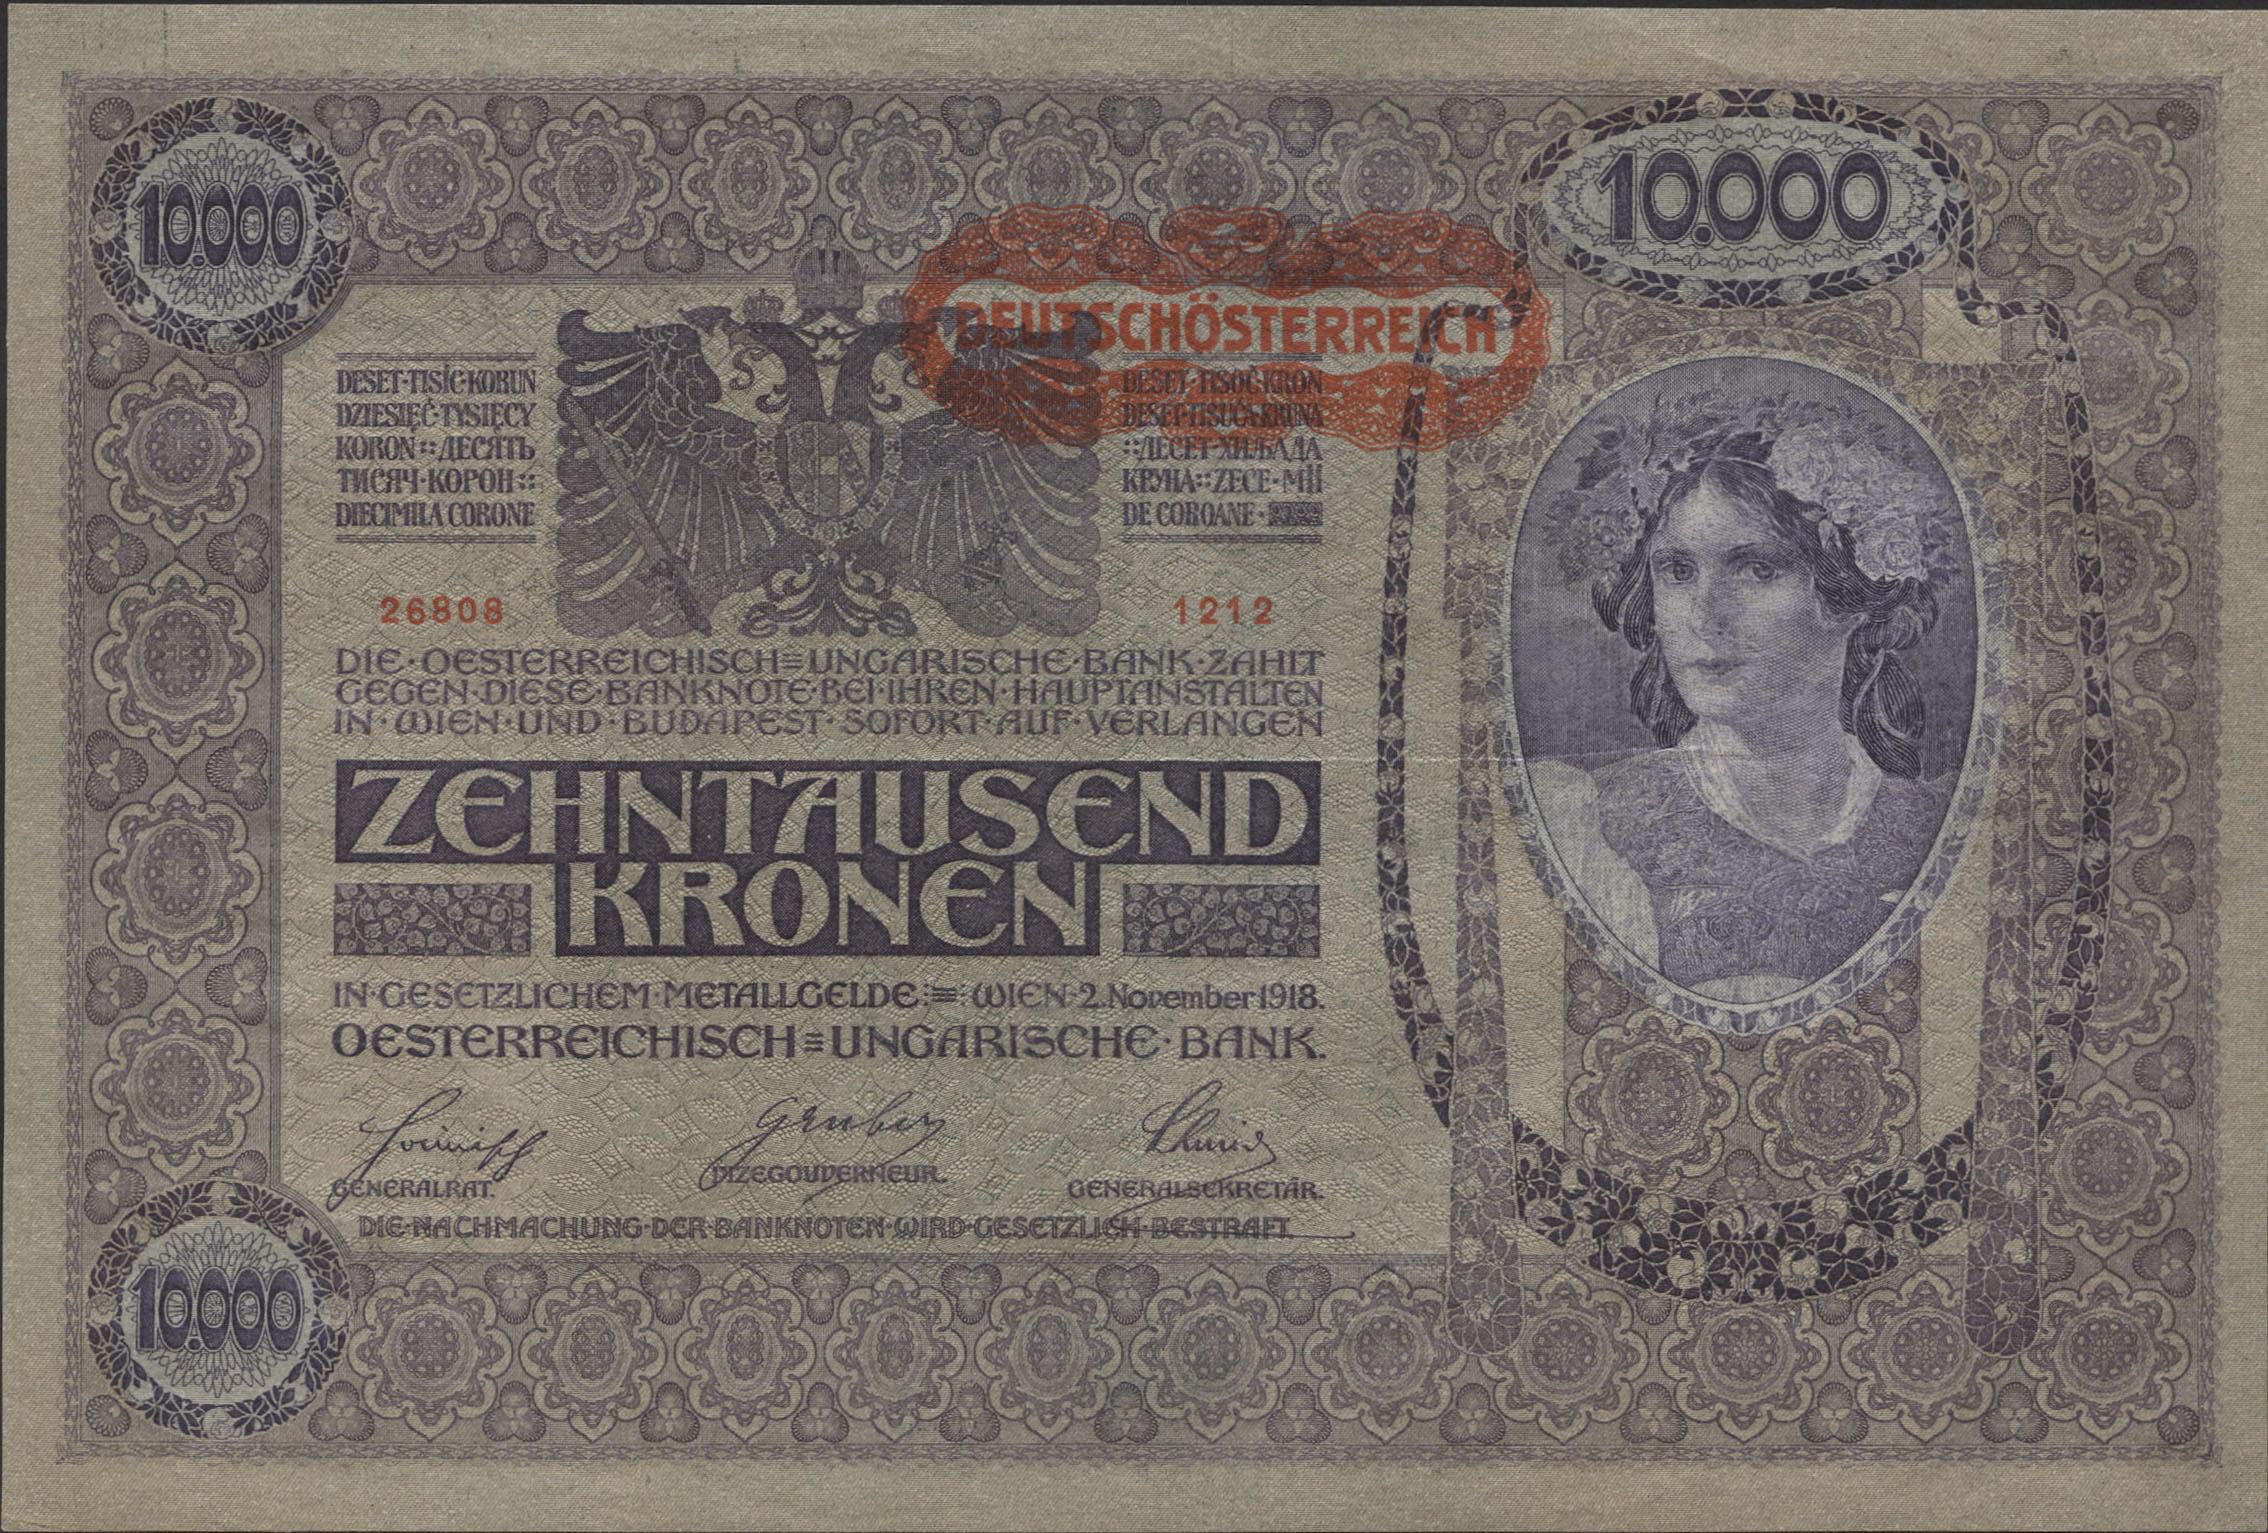 10000 Kronen In Euro